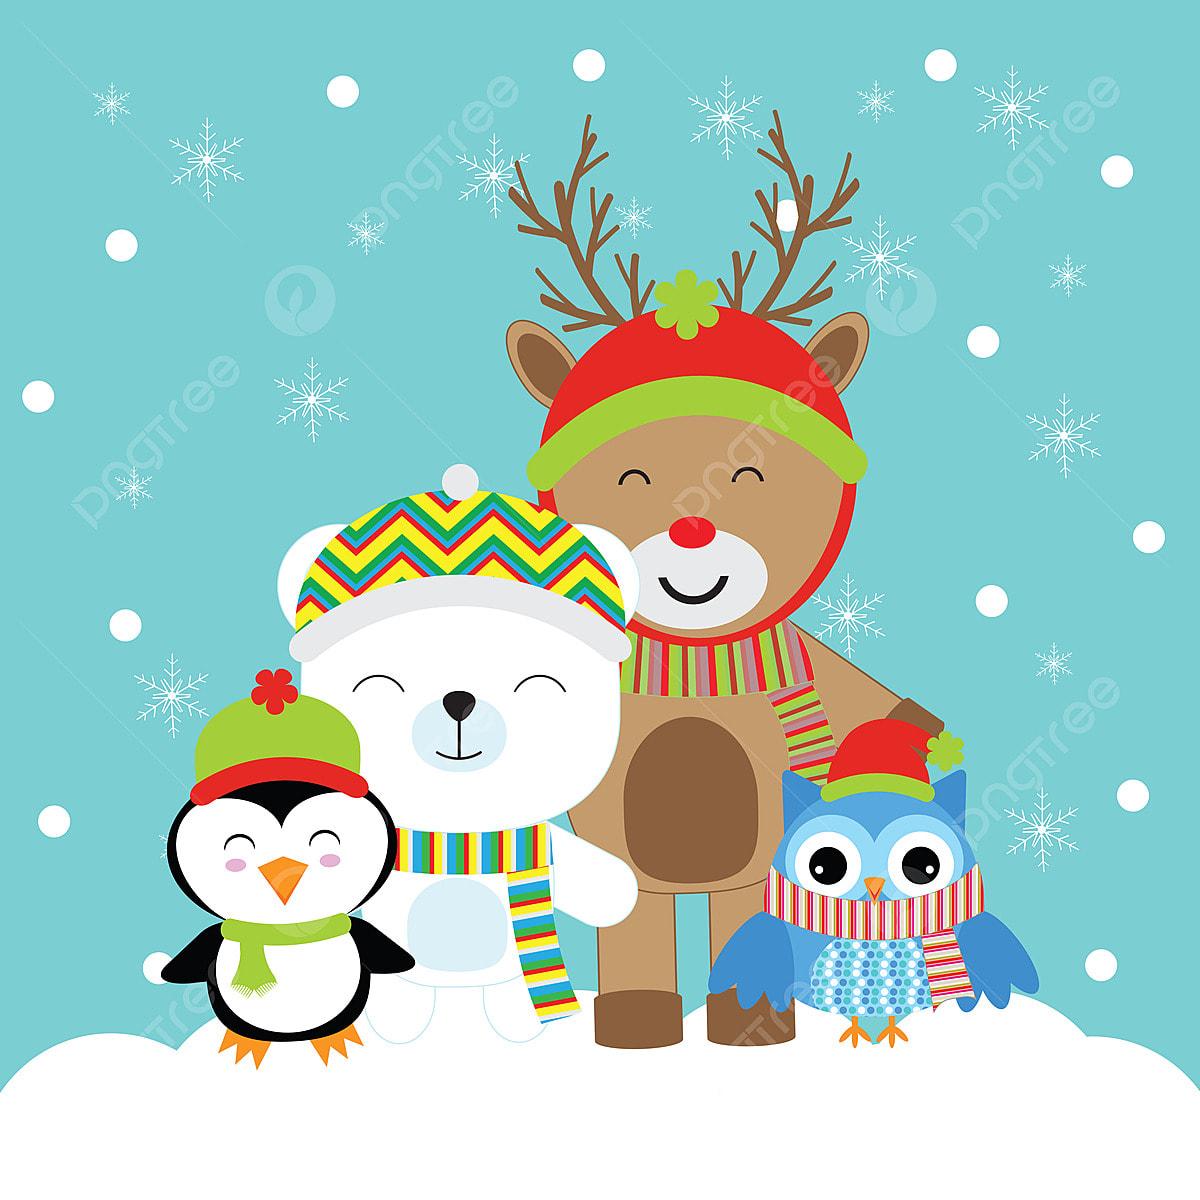 クリスマスのグリーティングカードはがきや壁紙のかわいい鹿ペンギンクマとフクロウ漫画イラスト クリスマス キュート ベア画像素材の無料ダウンロードのためのpngとベクトル